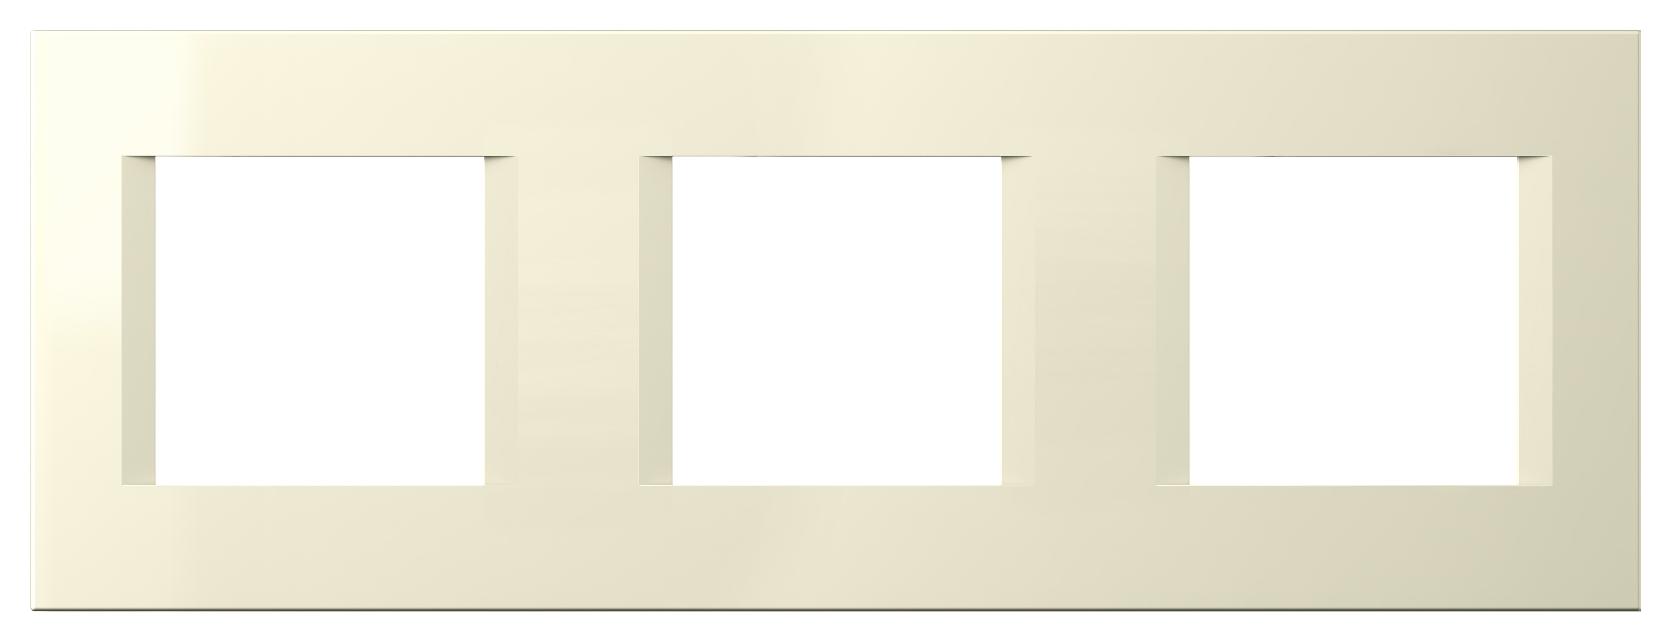 1 Stk Rahmen 3x2M, beige ET125020--